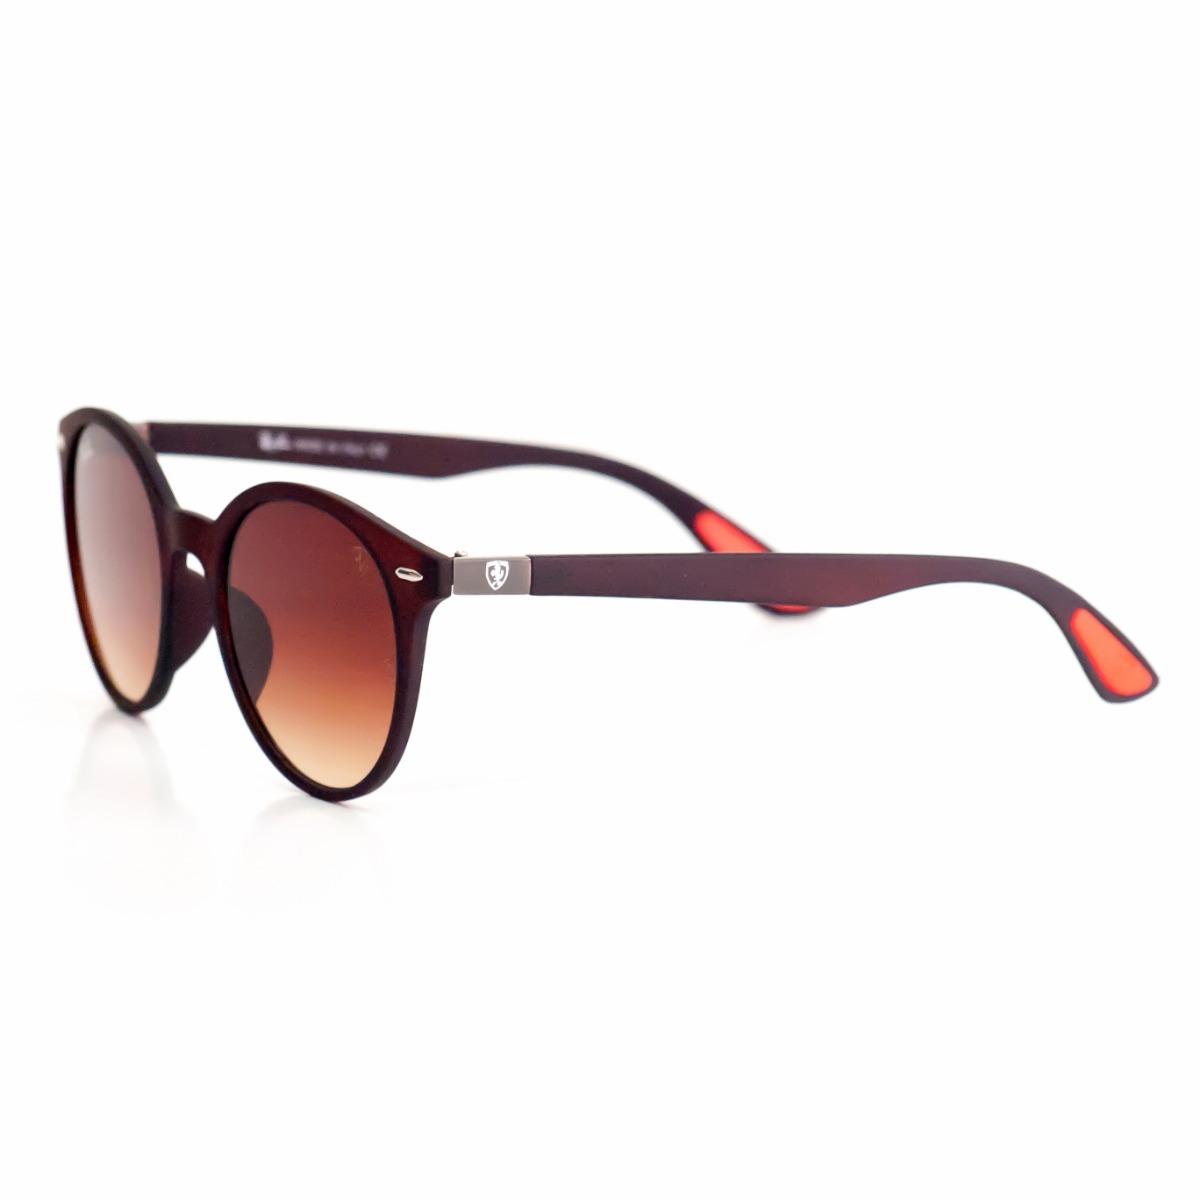 c627e5a1e6 gafas de sol rayban ferrari collection negra y café | uv400. Cargando zoom.